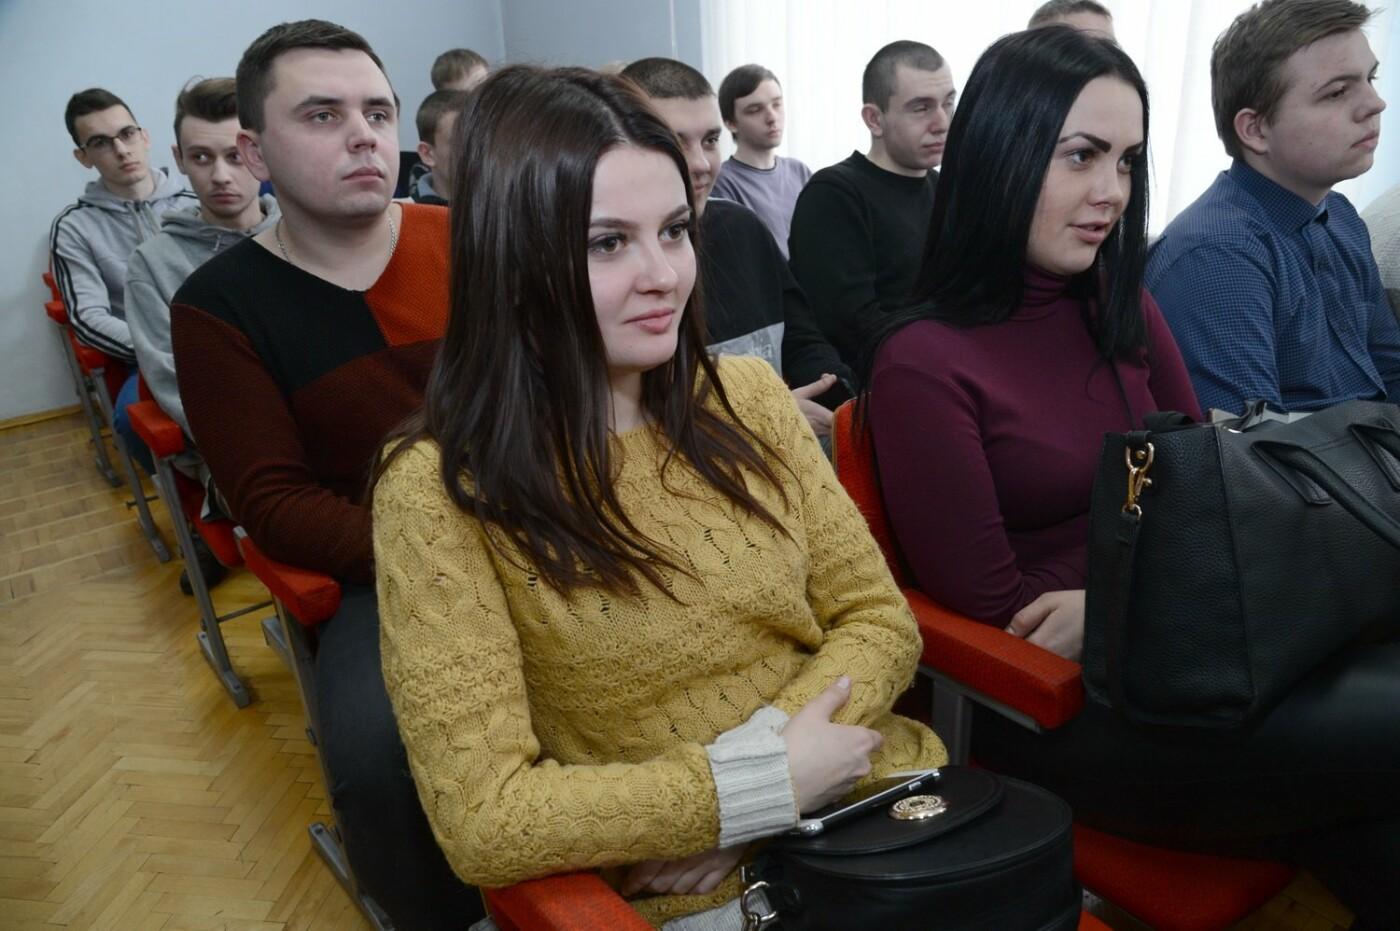 Всеукраїнський студентський конкурс «Залізничник 2018» шукає таланти, фото-3